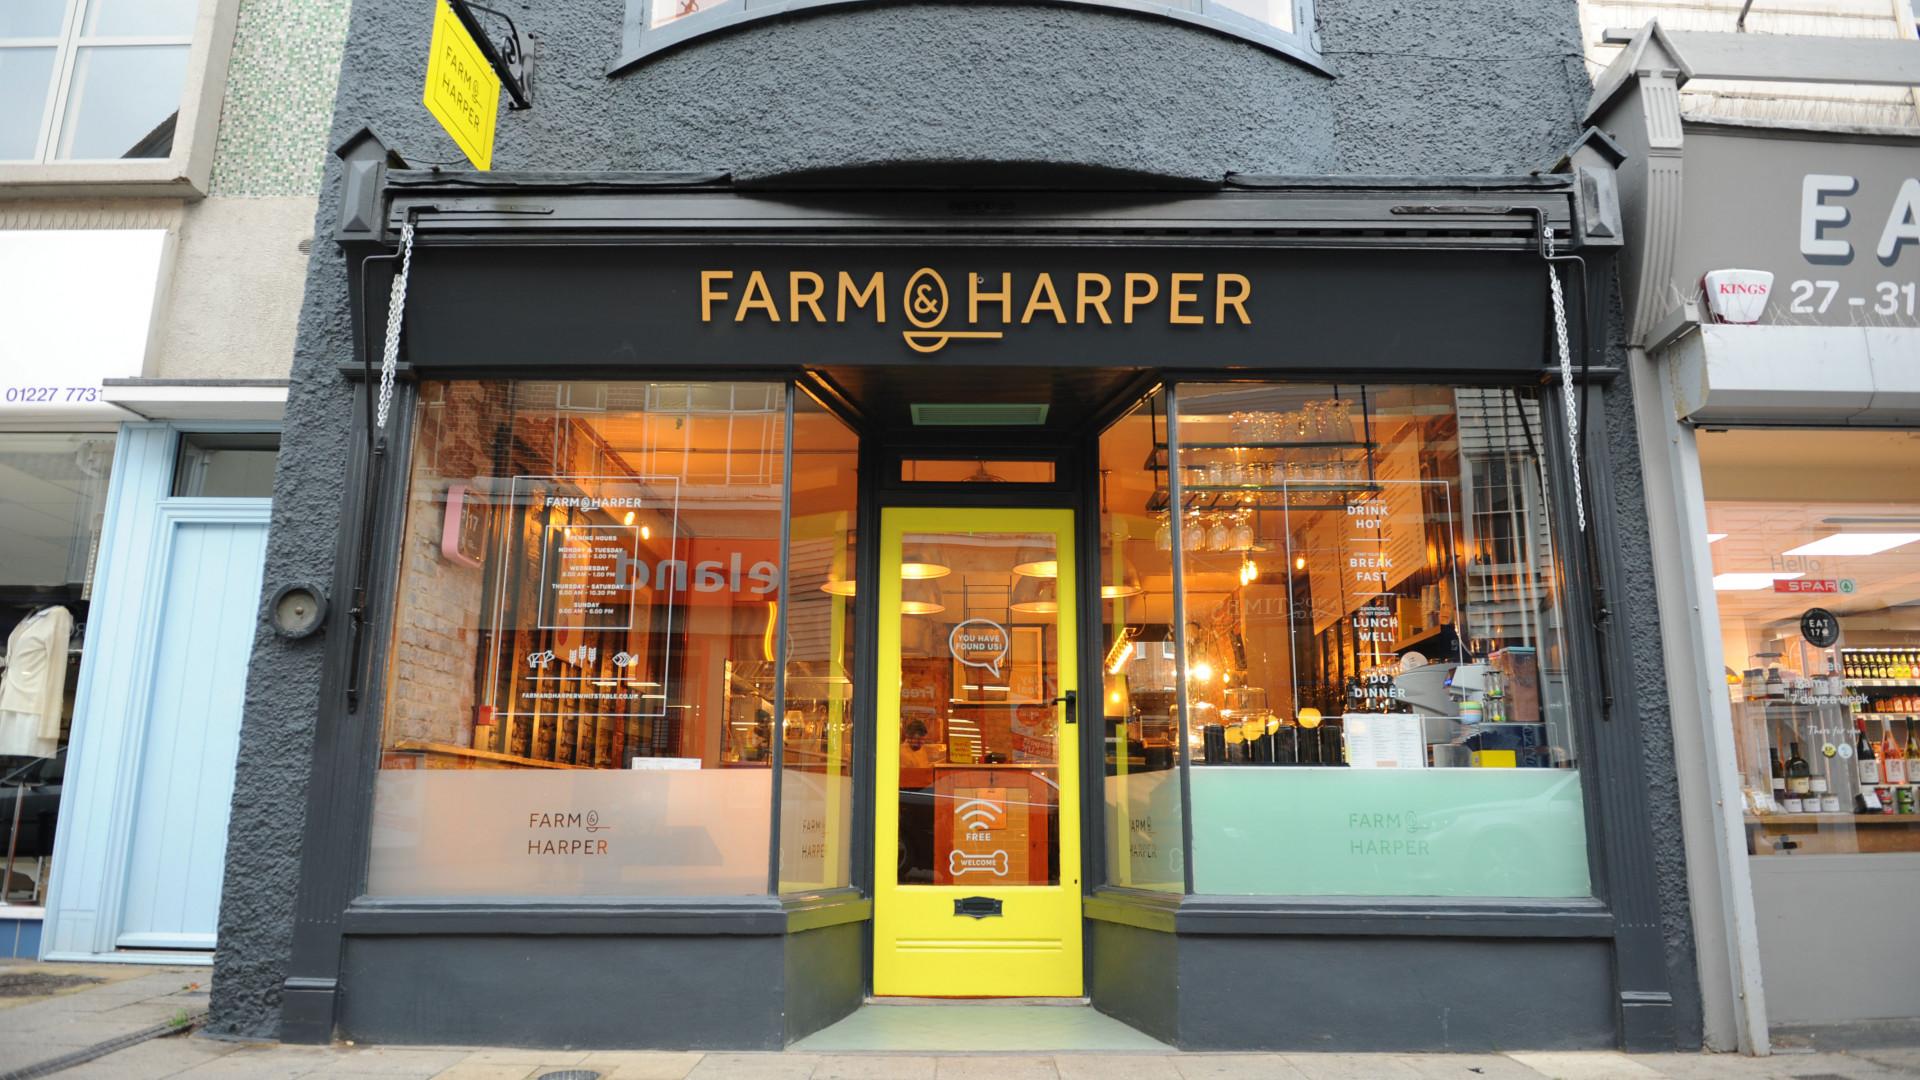 Farm & Harper, Whitstable